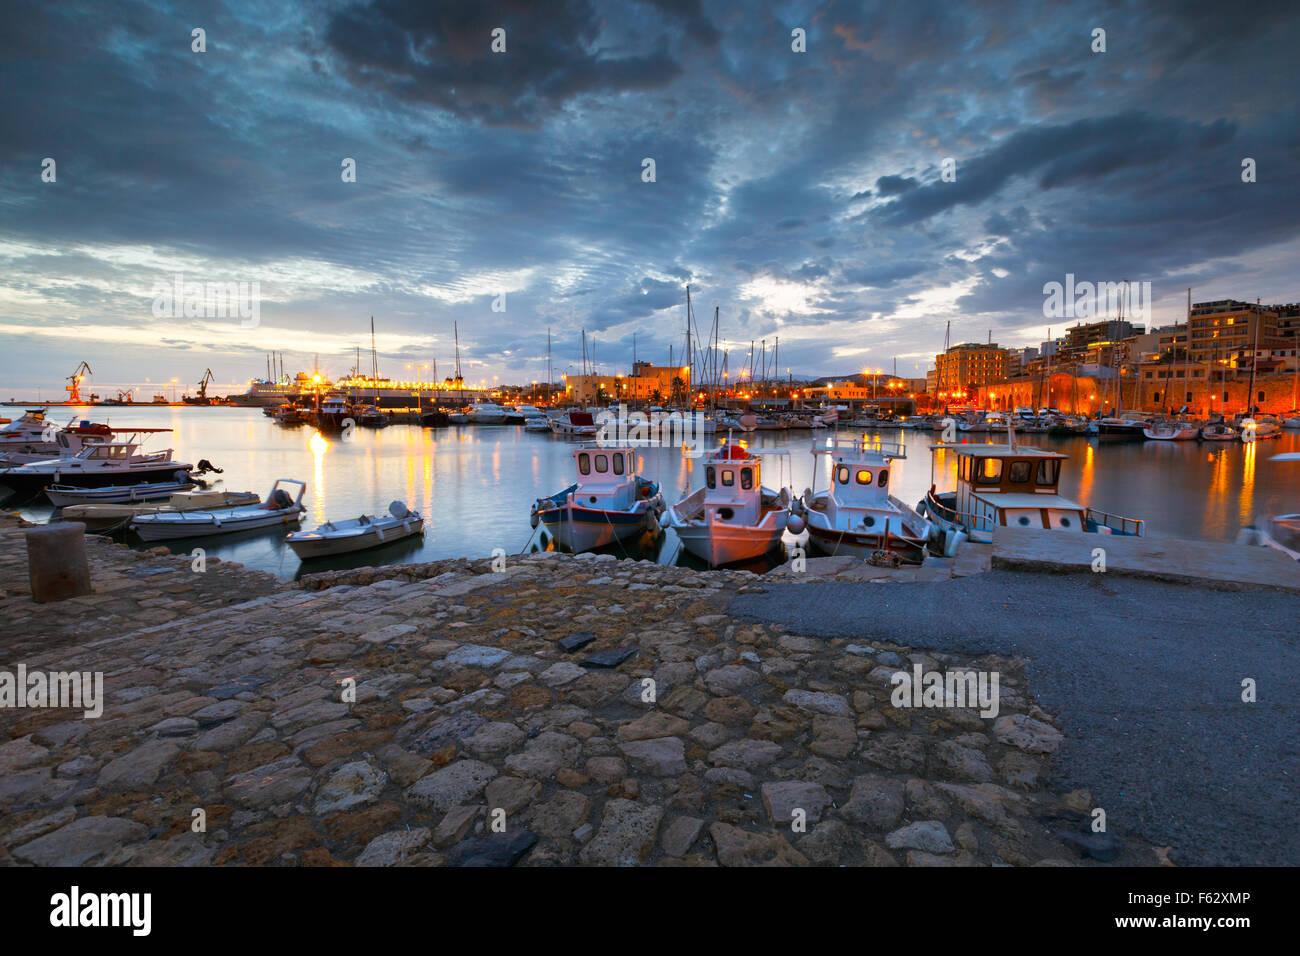 Vieux Port avec bateaux de pêche et de plaisance à Héraklion, Crète, Grèce Photo Stock